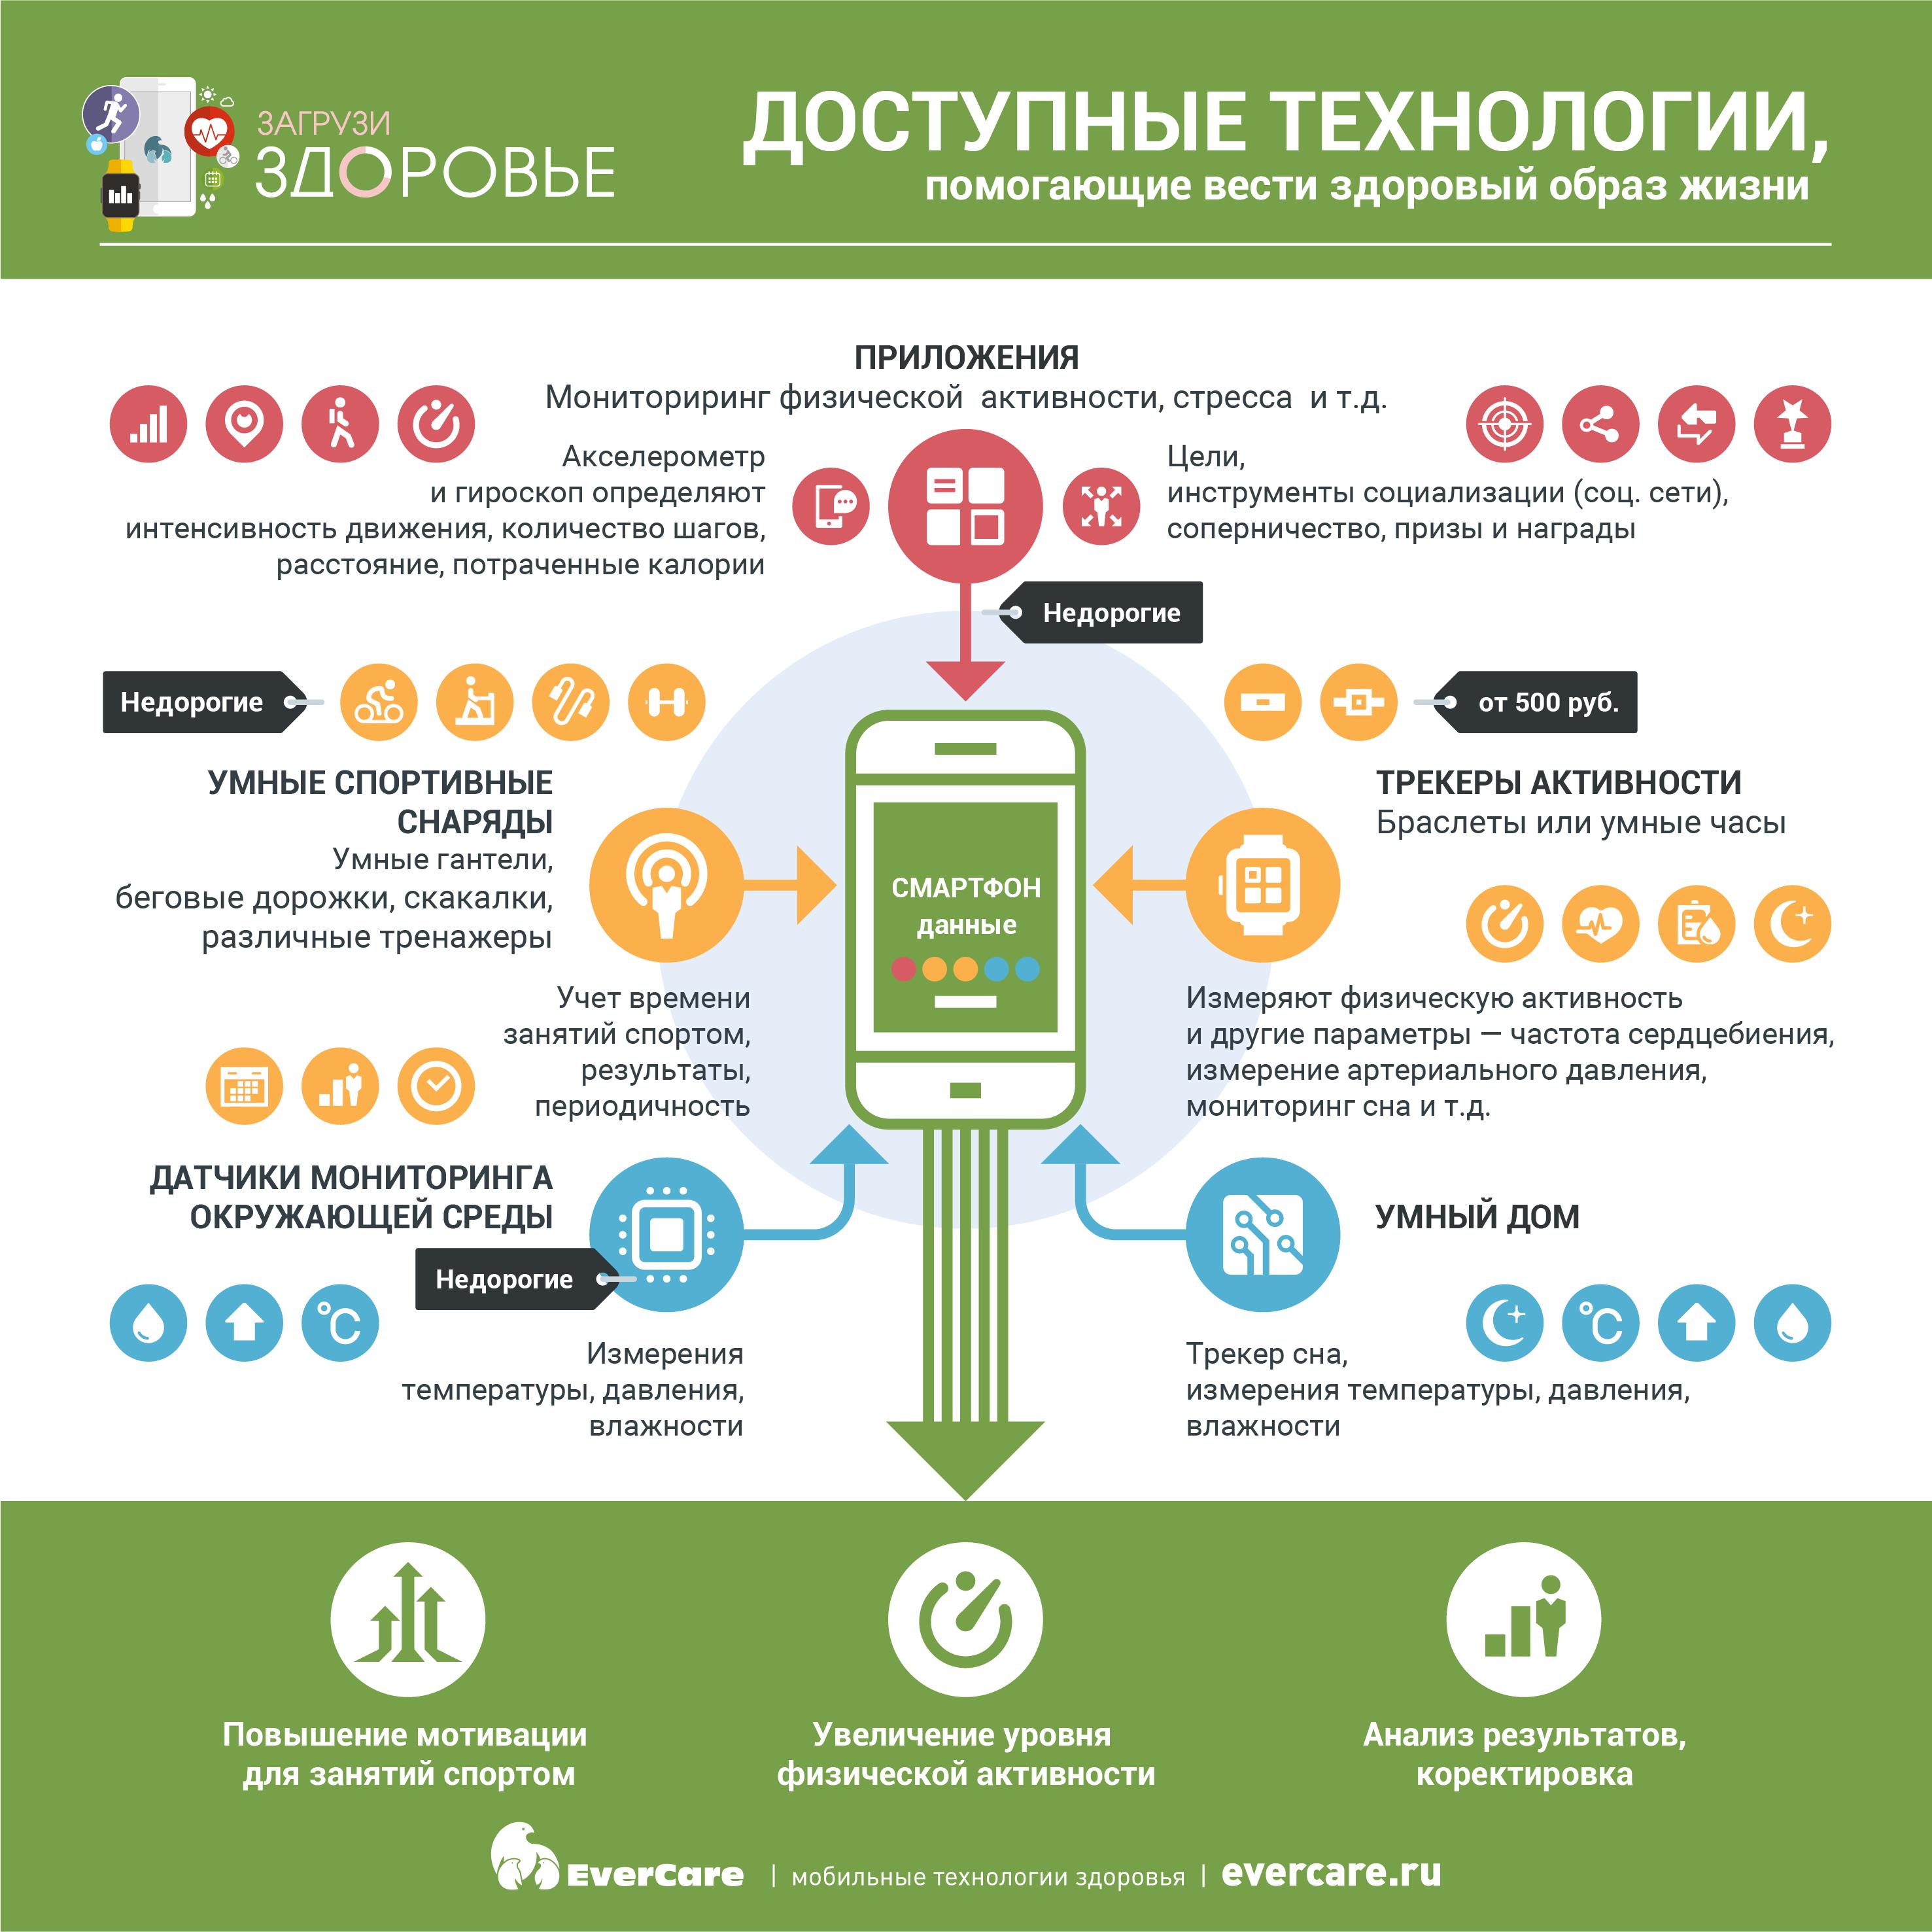 Доступные технологии, помогающие вести здоровый образ жизни, Инфографика